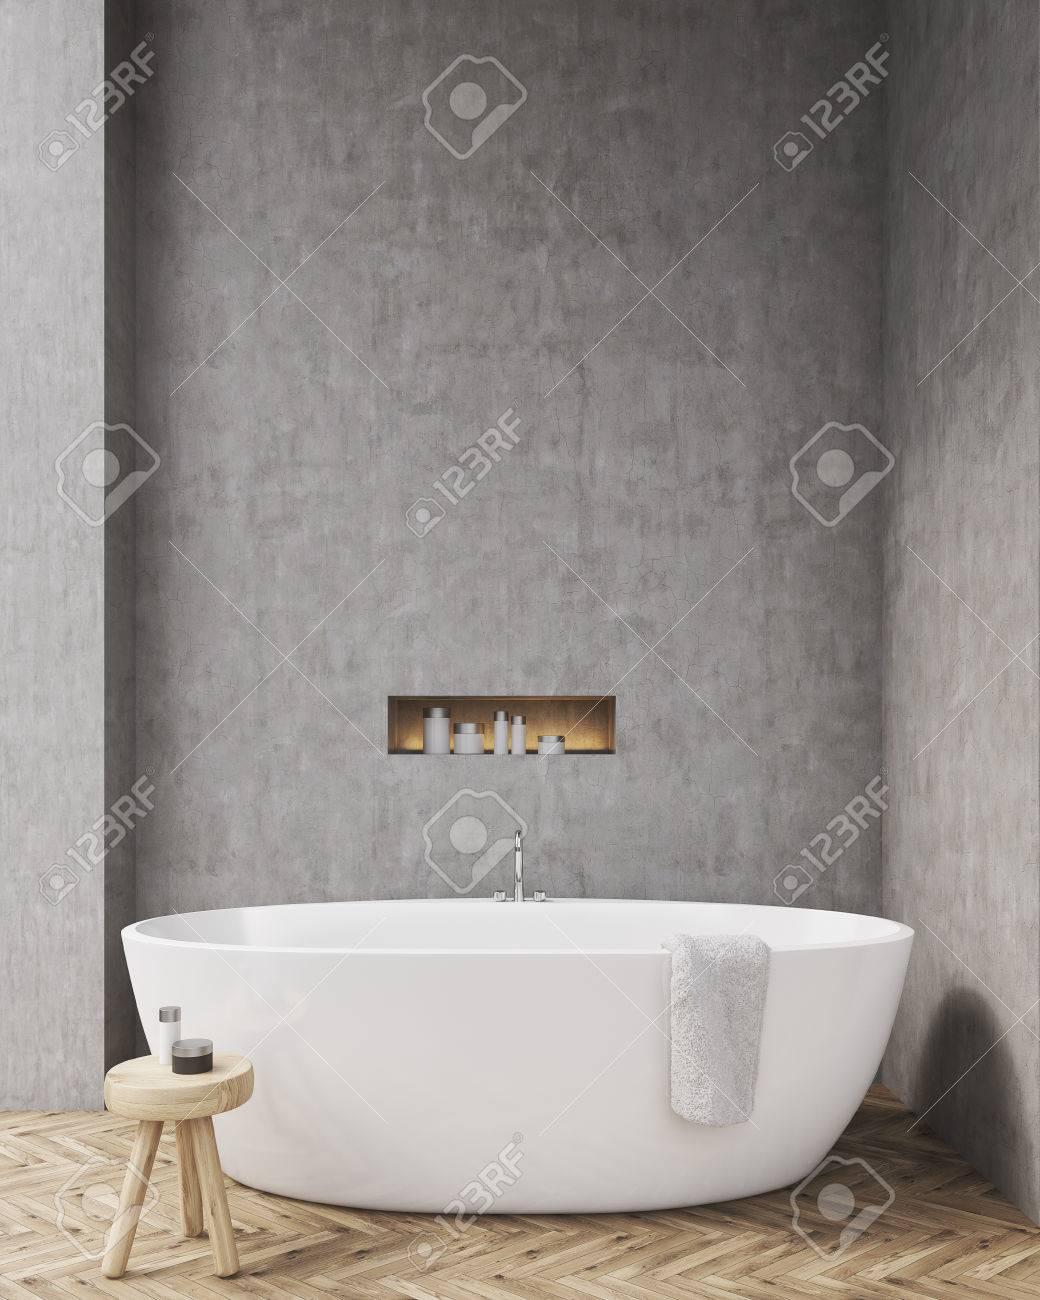 Magasin Salle De Bain Oyonnax ~ Salle De Bains Avec Des Murs En B Ton Plancher En Bois Une Chaise